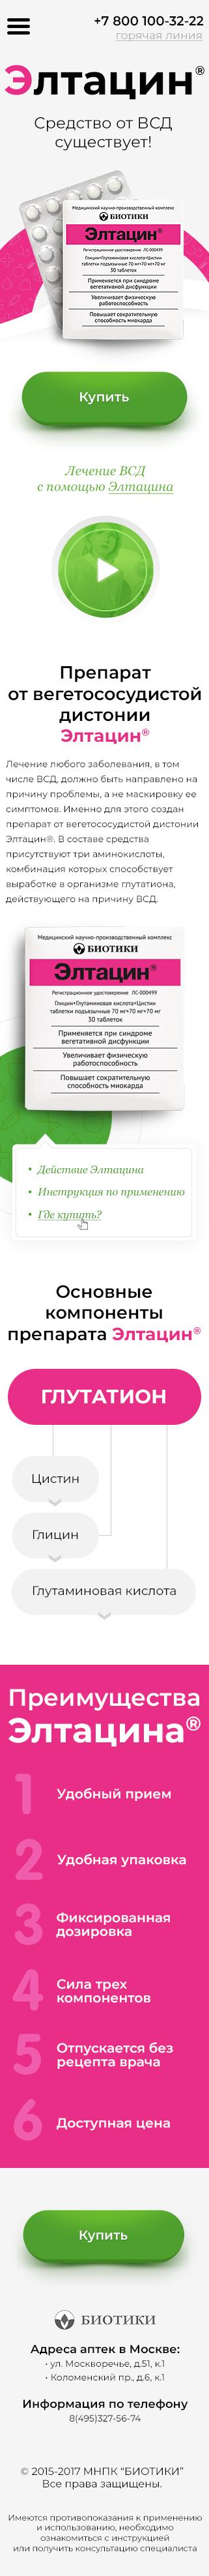 Дизайн главной страницы сайта лекарственного препарата фото f_0735c88cfc025835.jpg